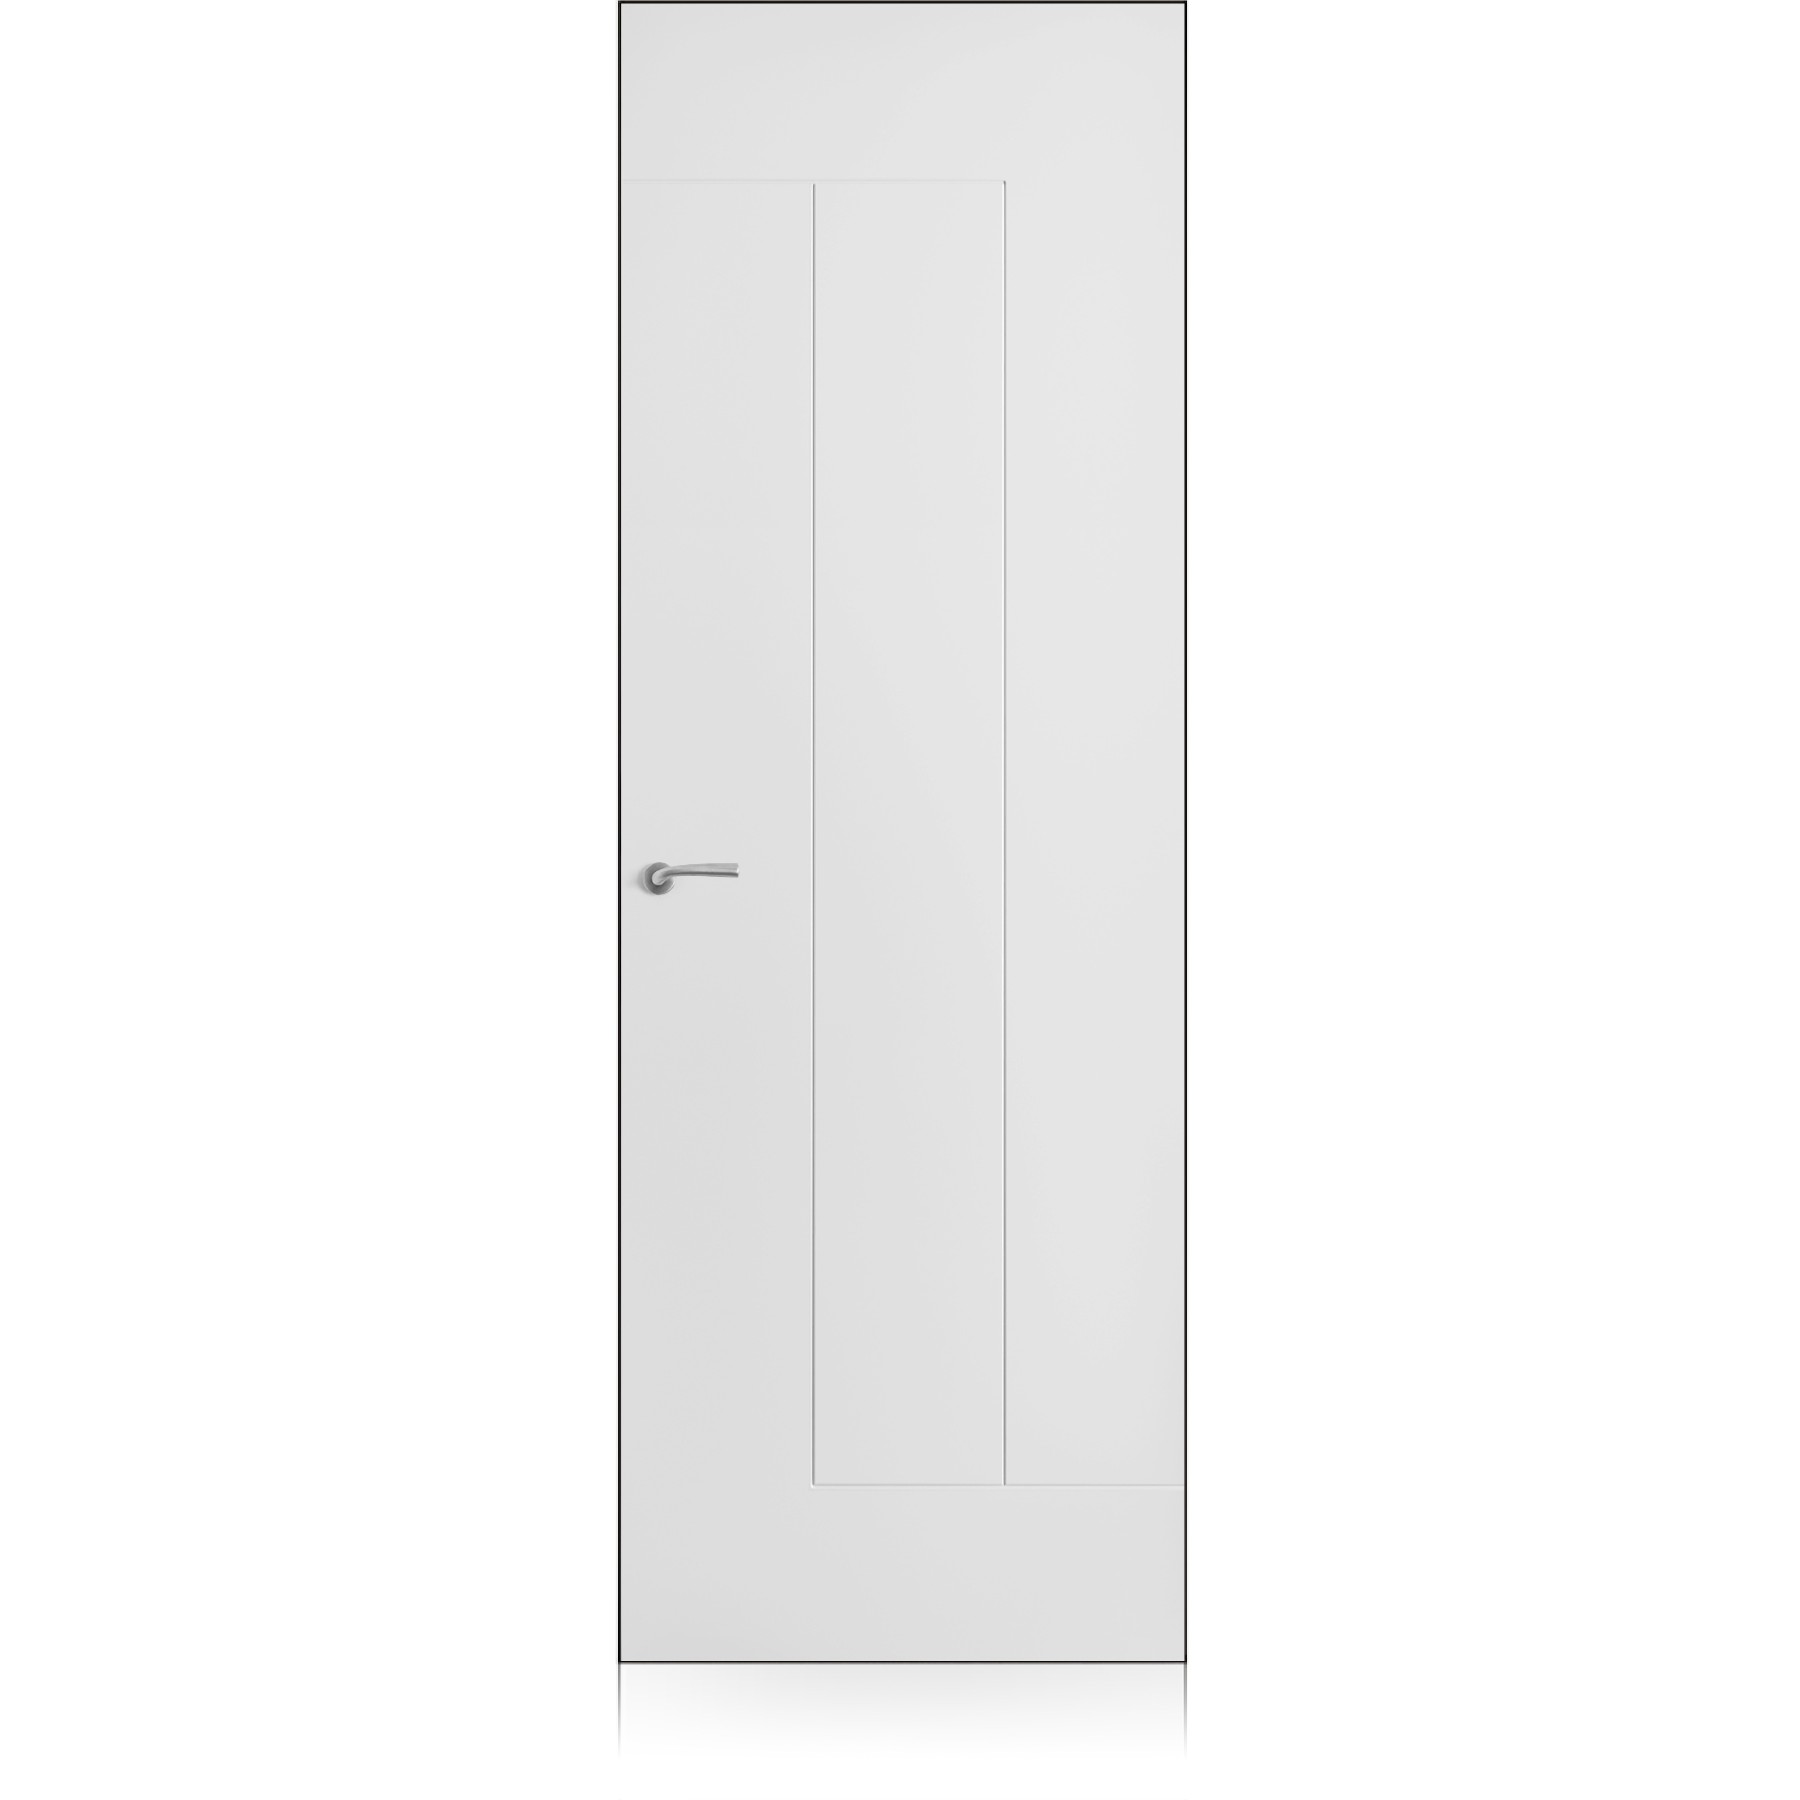 Puerta Yncisa/8 Zero bianco optical